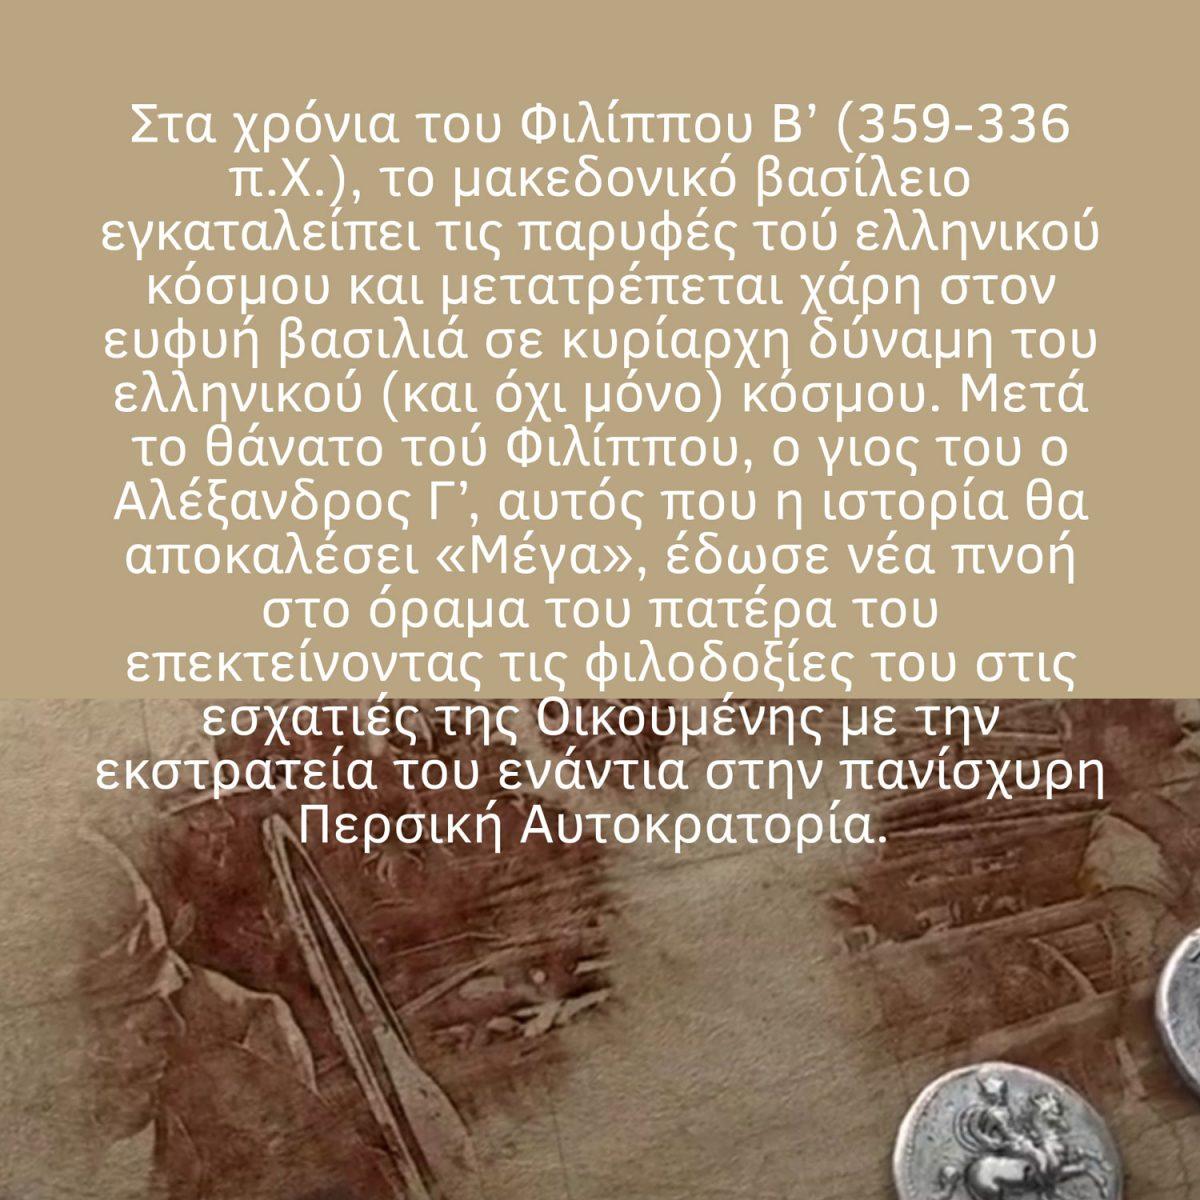 Σέλευκος Α' ο Νικάτωρ: η ιστορική διαδρομή του.